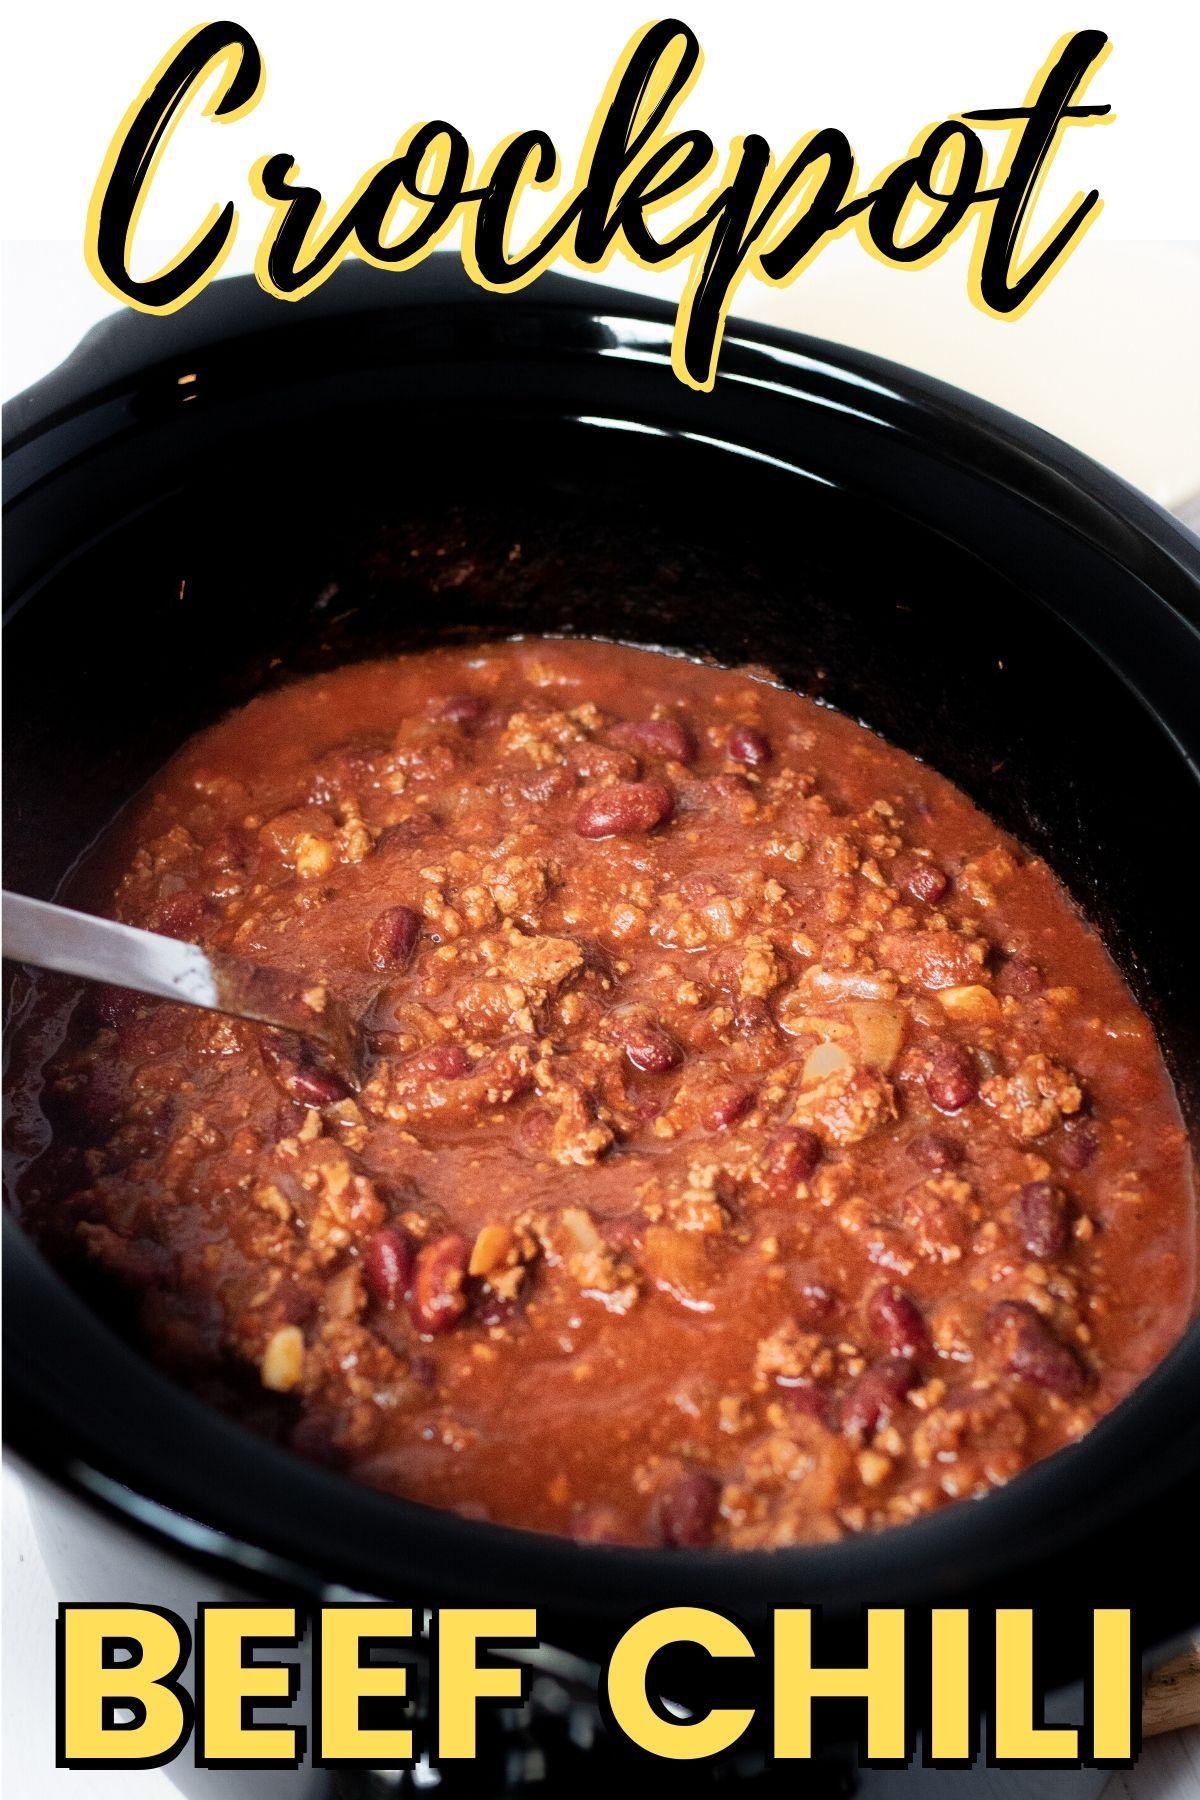 Crockpot Beef Chili In 2020 Easy Chili Recipe Crockpot Beef Chili Crockpot Easy Vegetarian Chili Recipe